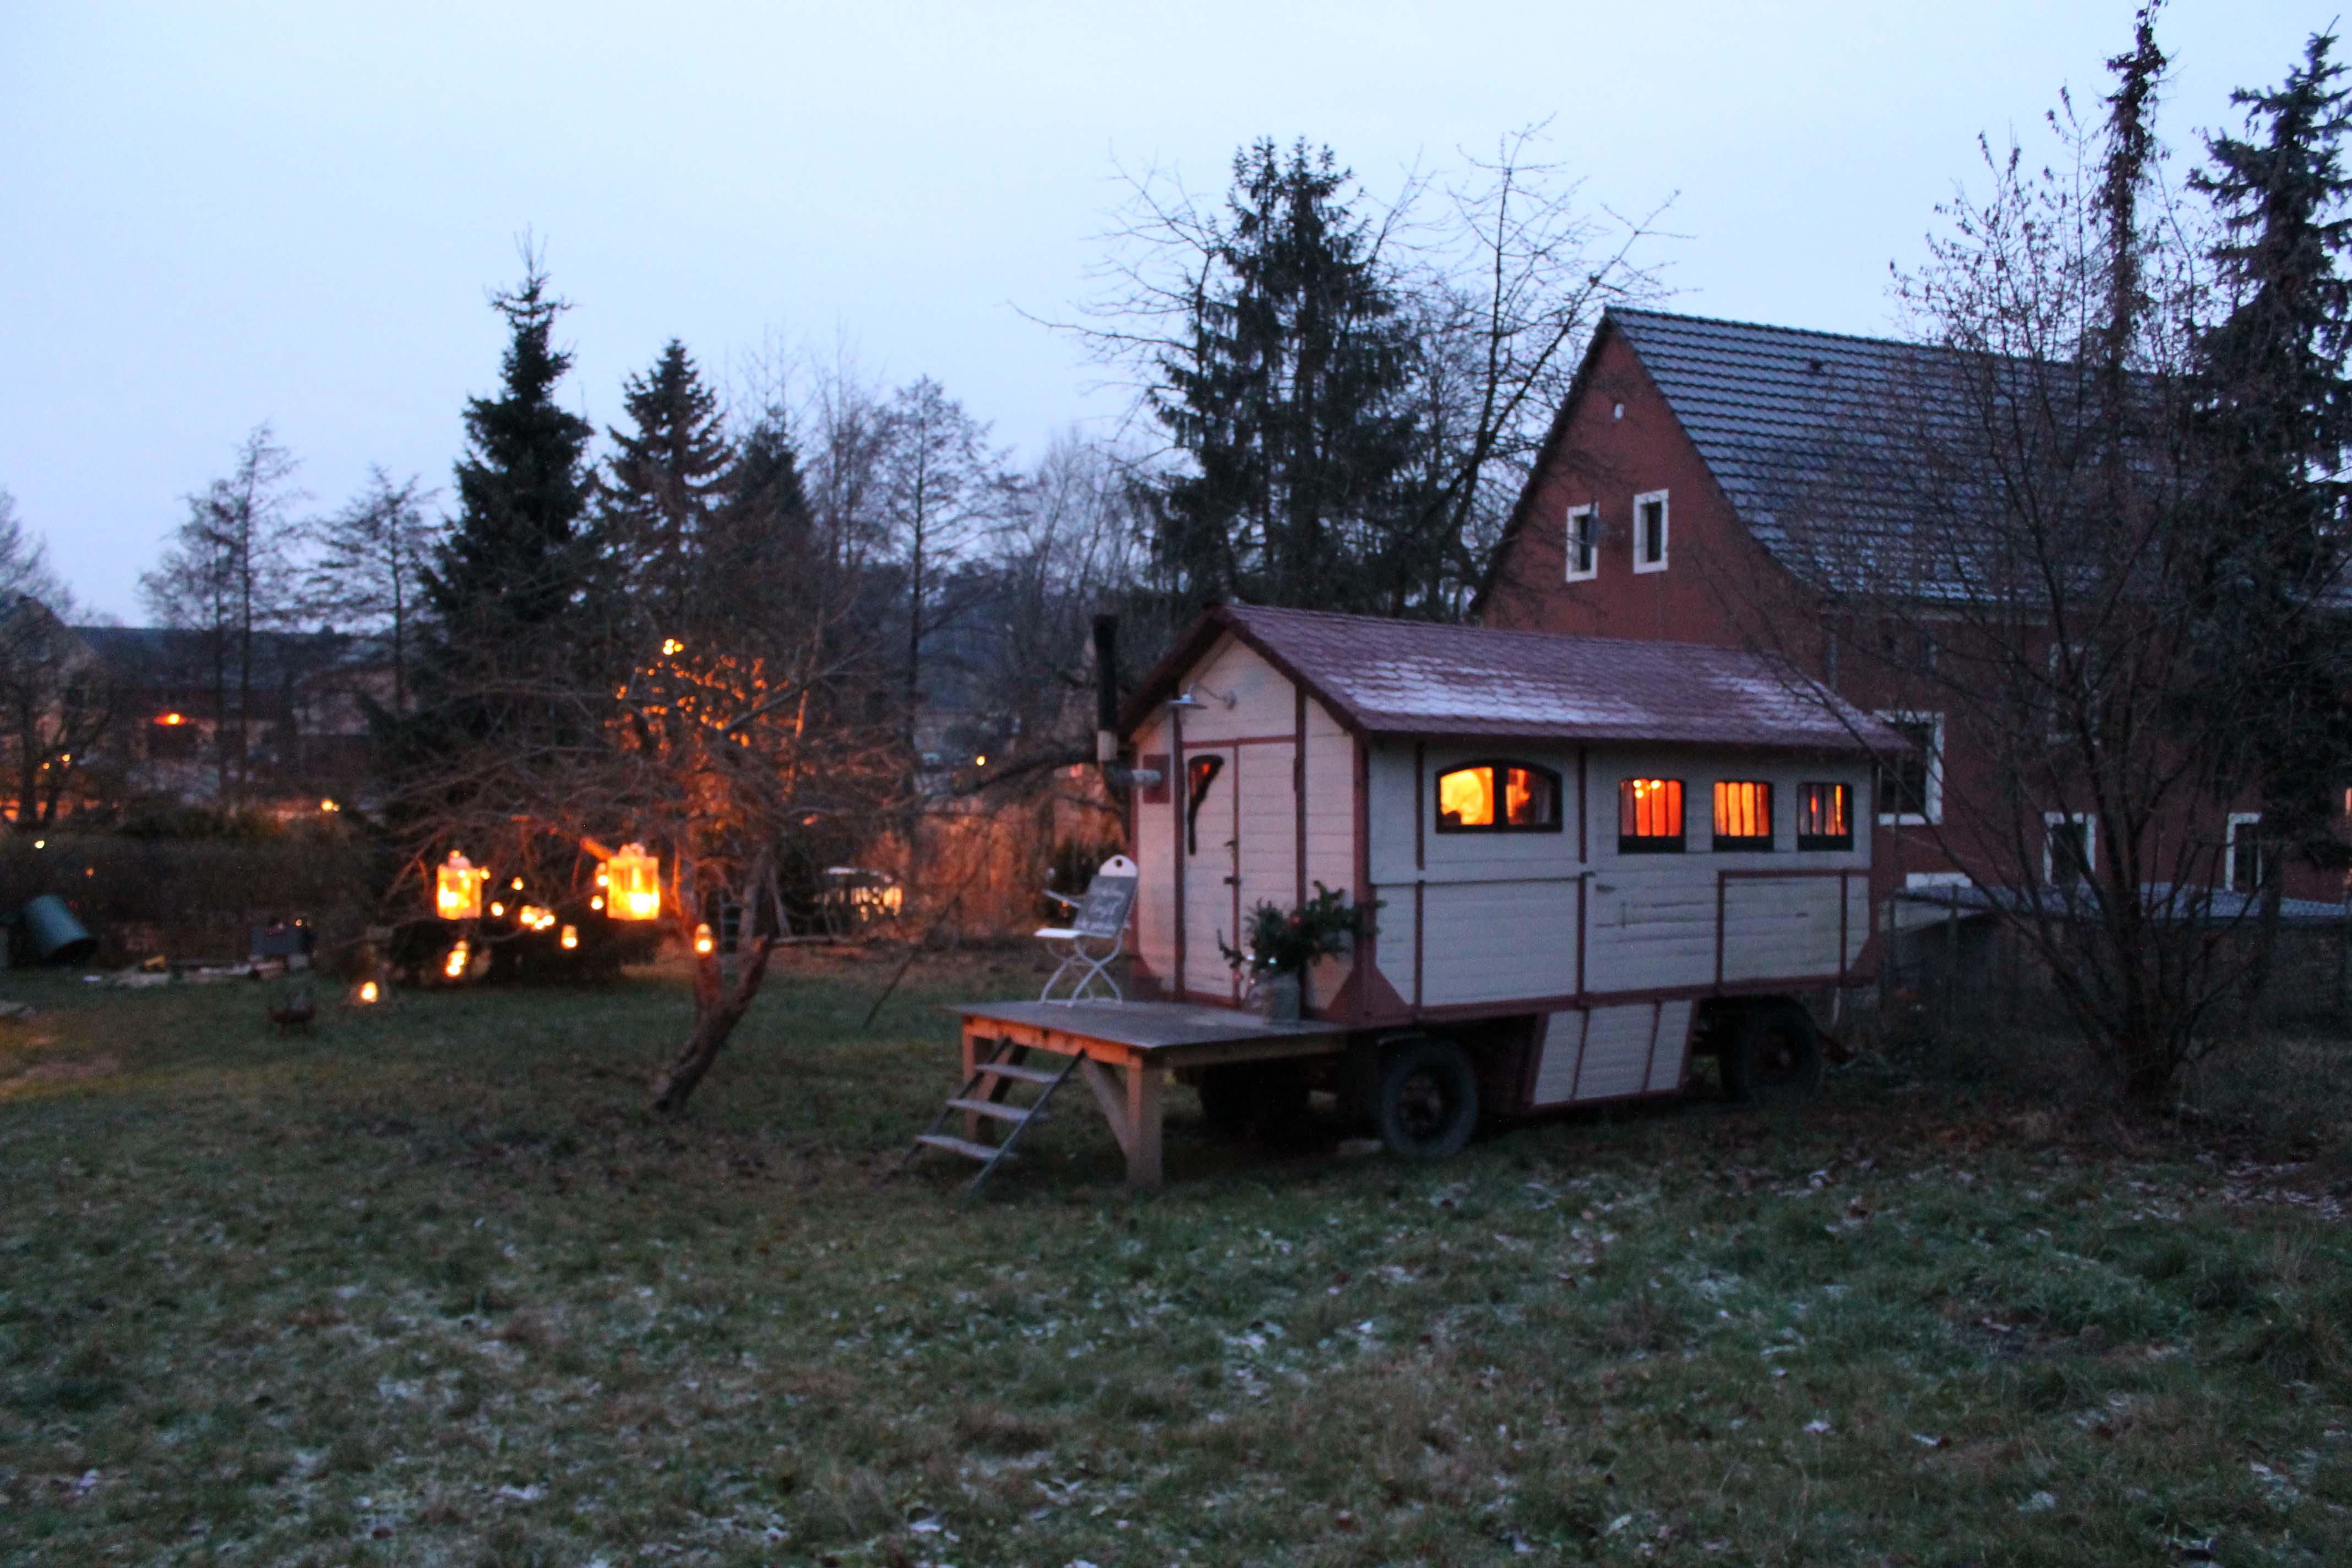 Dorfweihnacht-Allgemein-2016-216